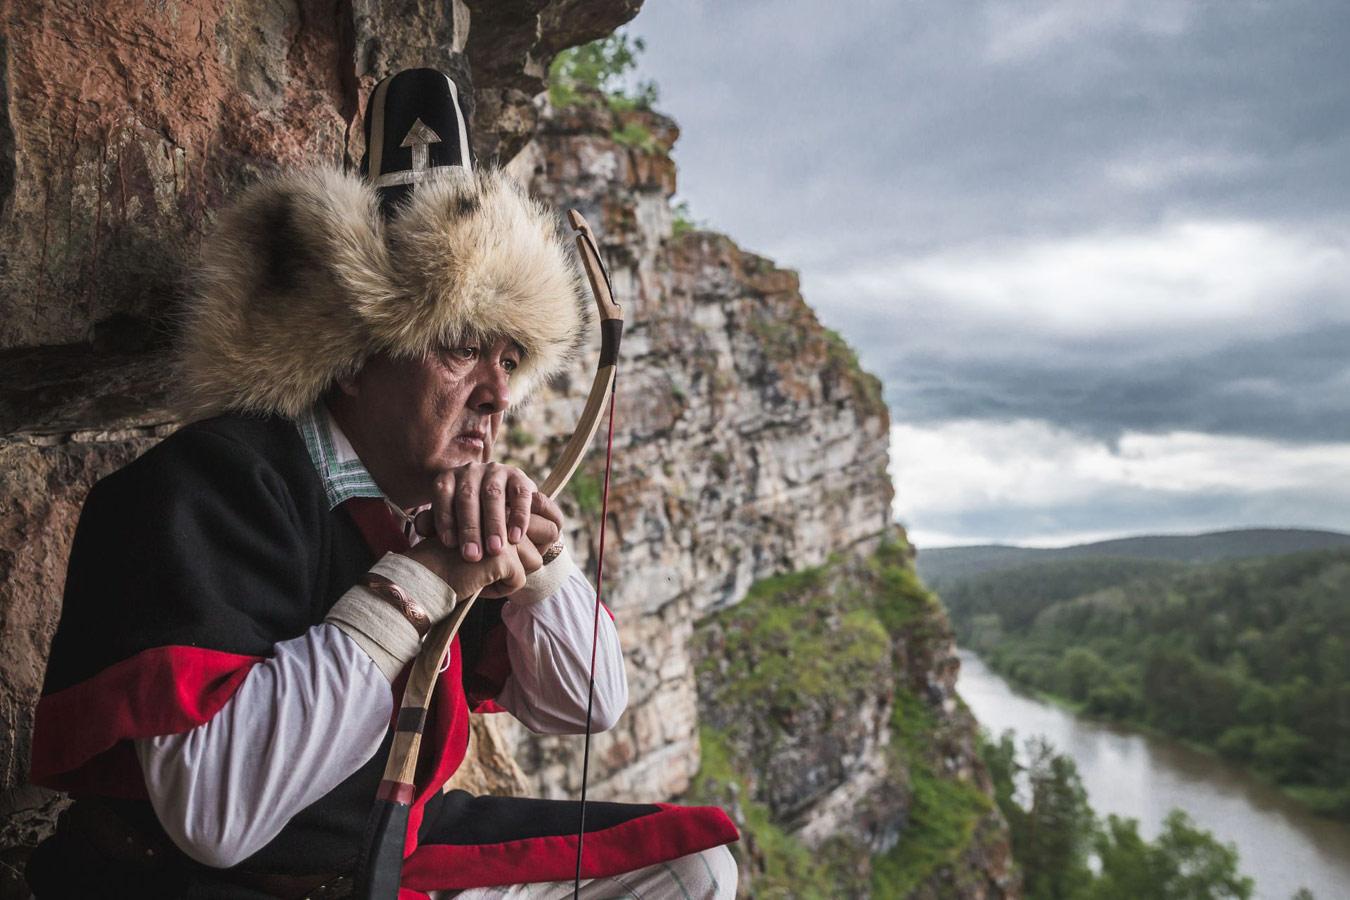 © Эдуард Дильмухаметов, Уфа, 1 место, Фотоконкурс «Национальные праздники народов России»